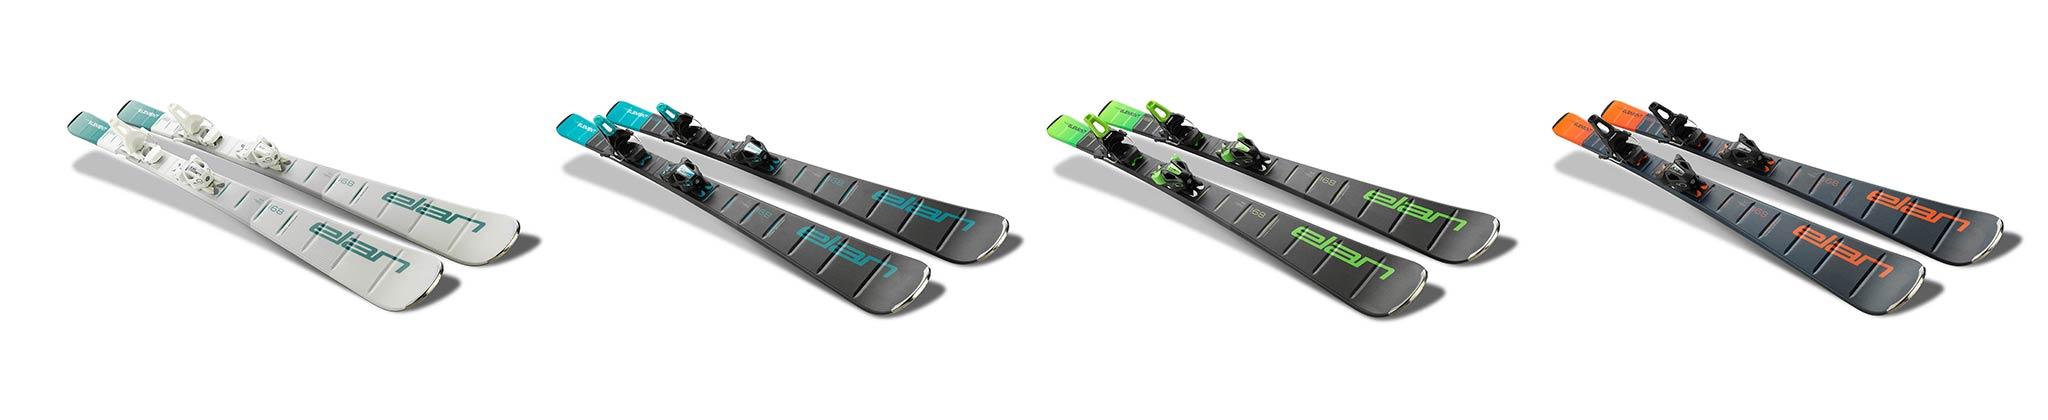 Die Elan Element Skis in White, Blue, Green und Orange und werden in fünf verschiedenen Längen angeboten.